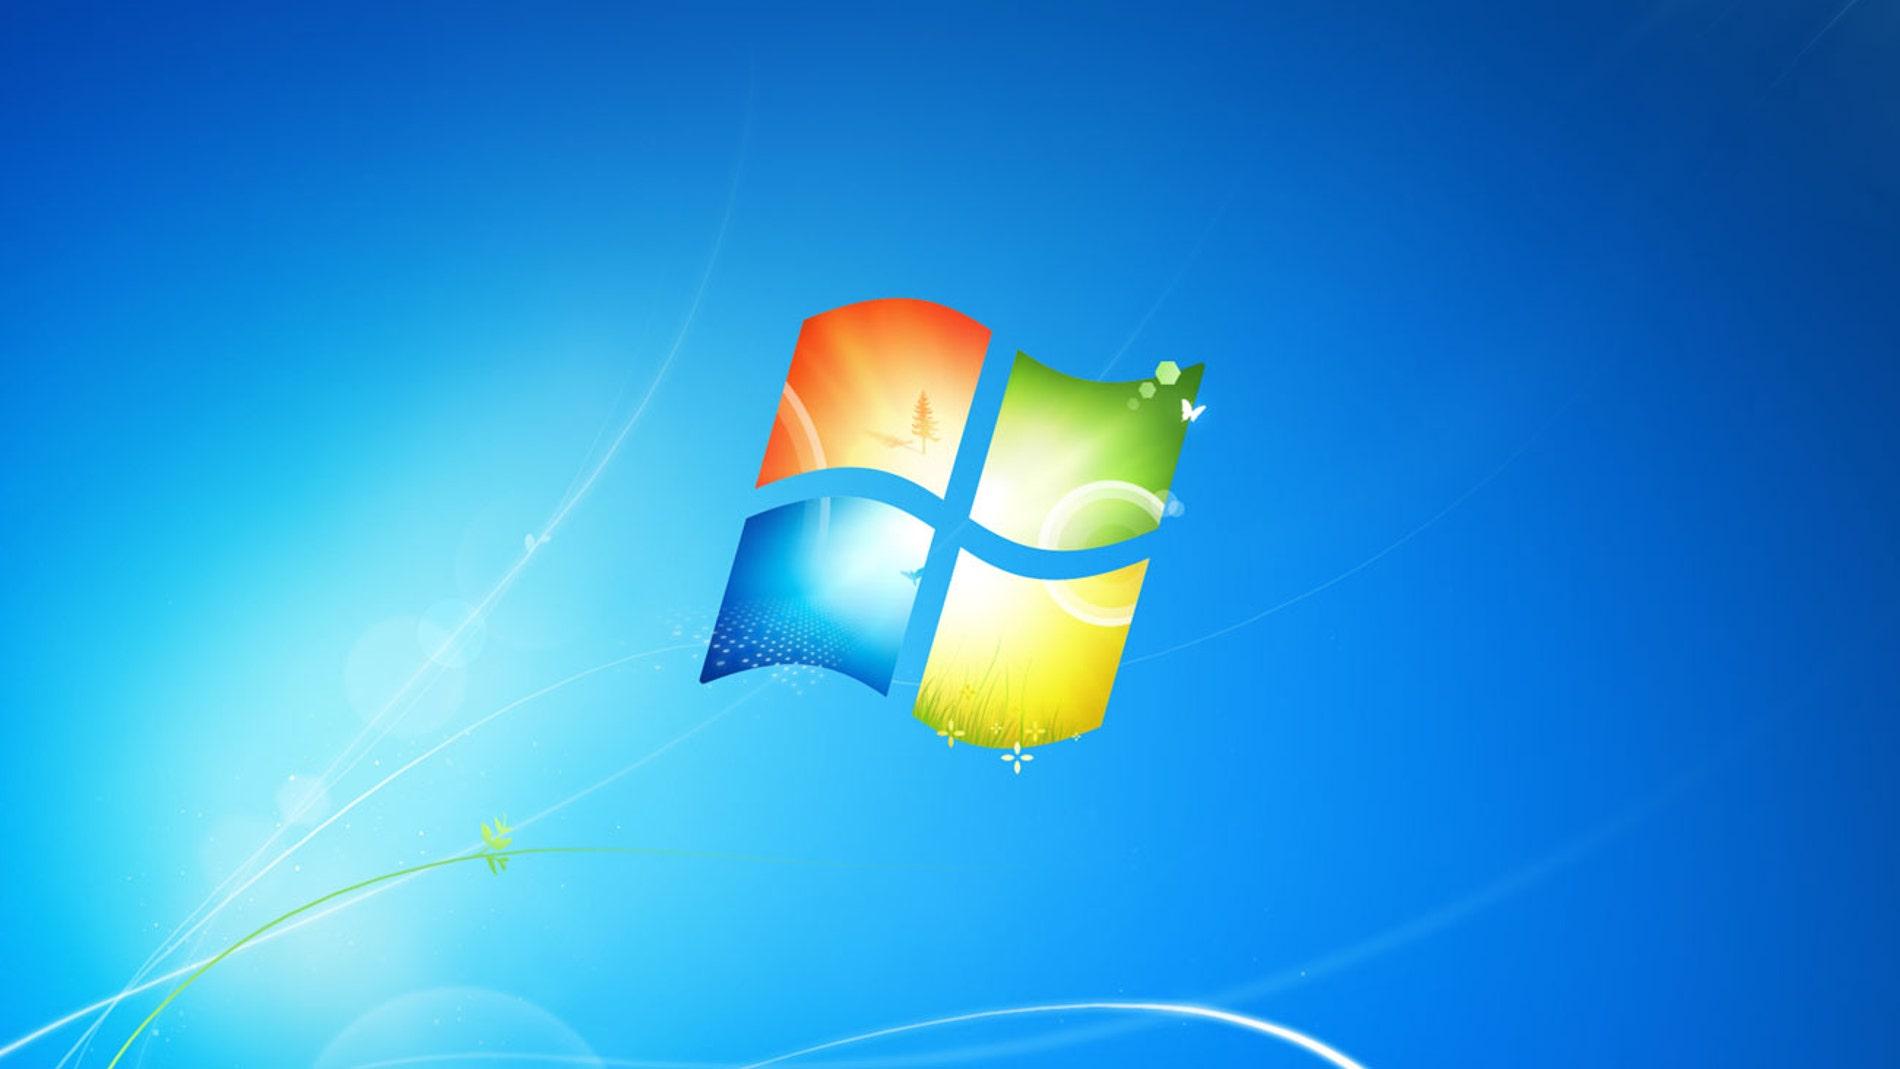 Fondo de pantalla oficial de Windows 7.